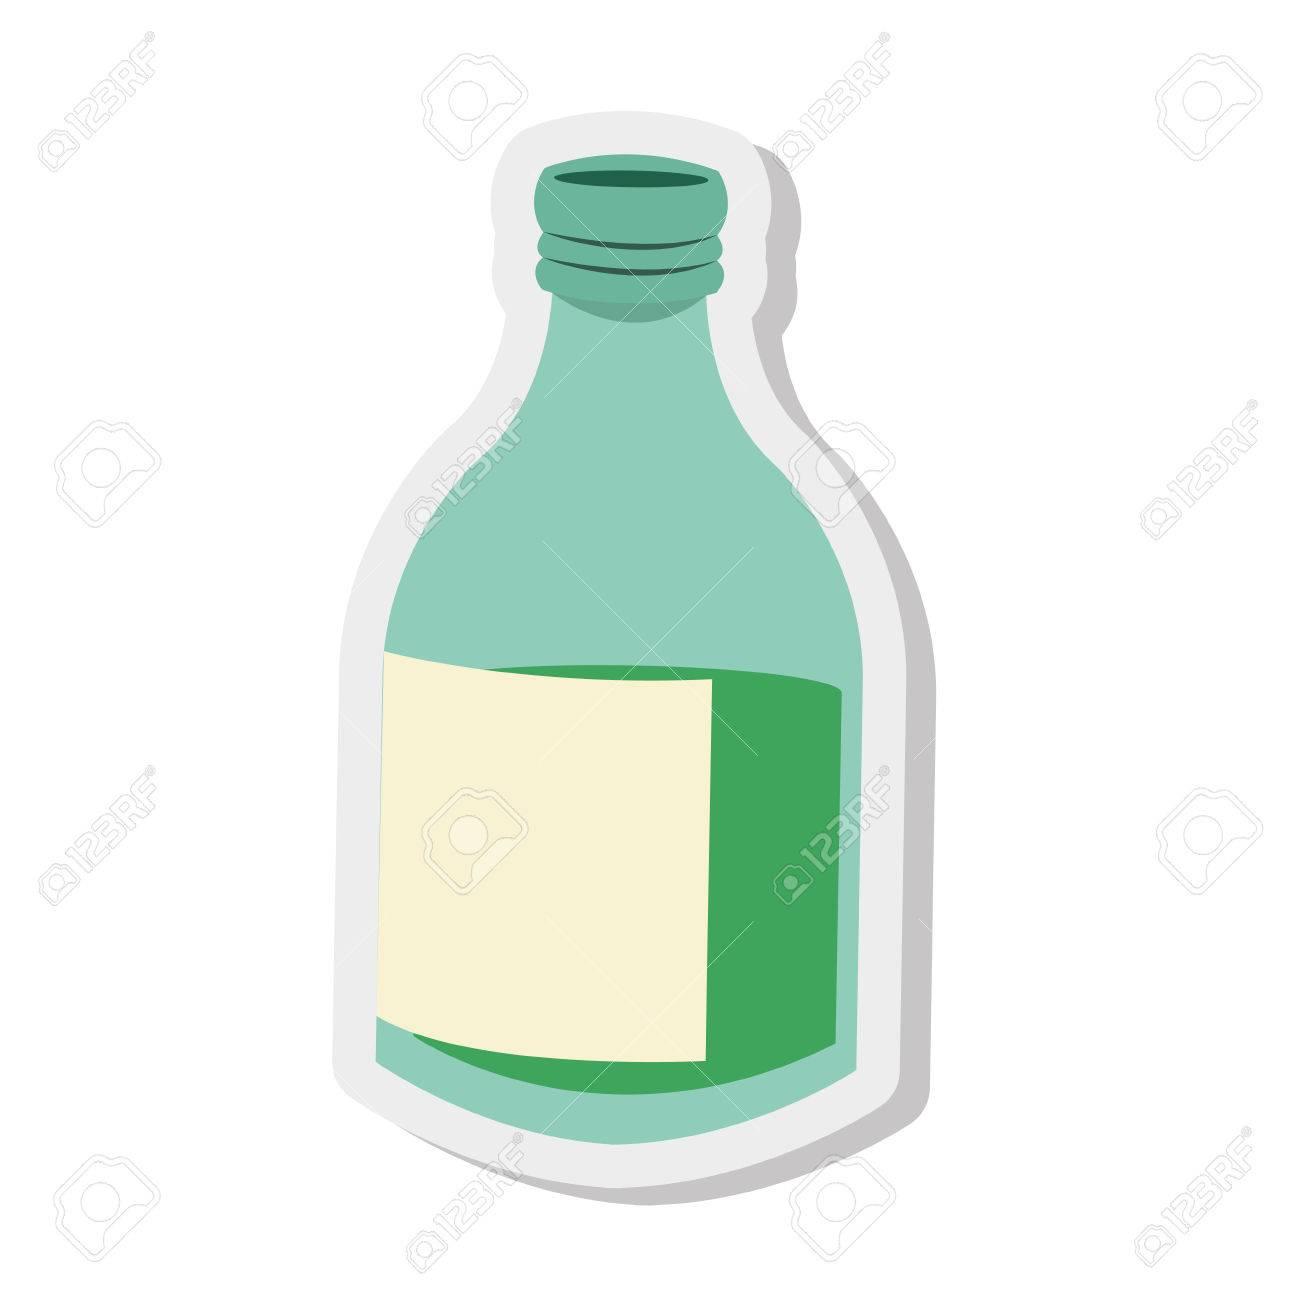 verre plat design bouteille icône illustration vectorielle